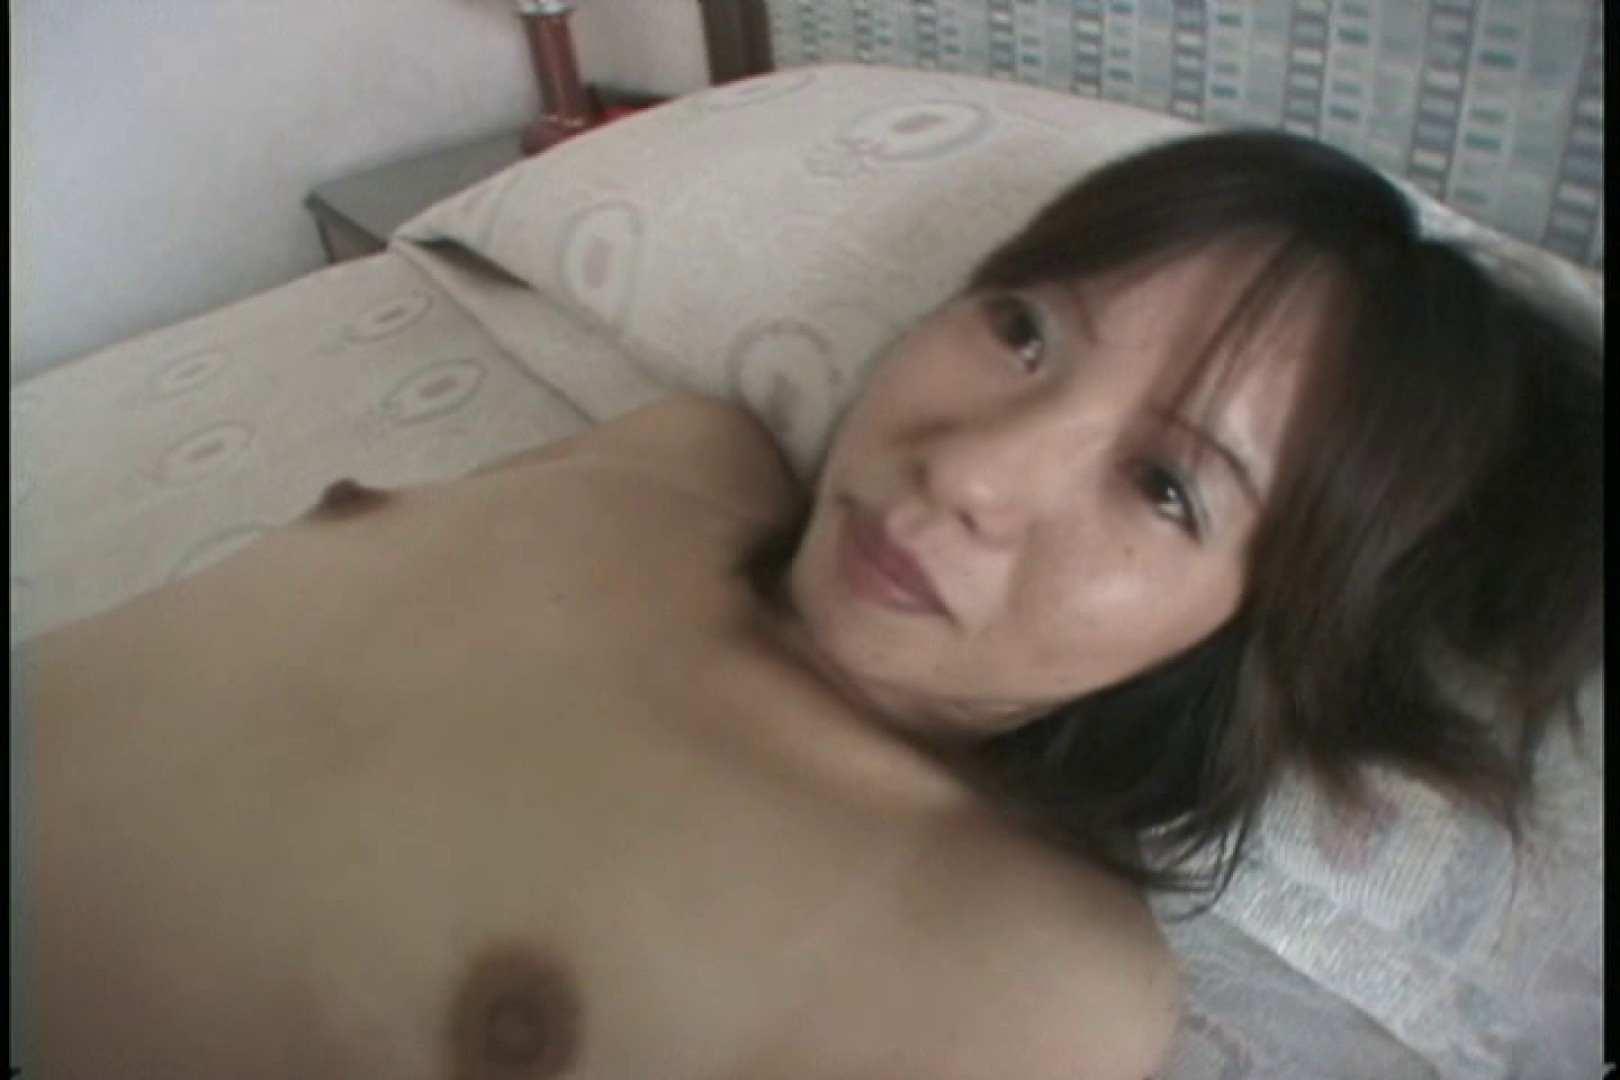 初めてのビデオ撮影に緊張する素人OLとセックス~武田じゅん~ オナニーし放題   綺麗なおっぱい  98pic 74